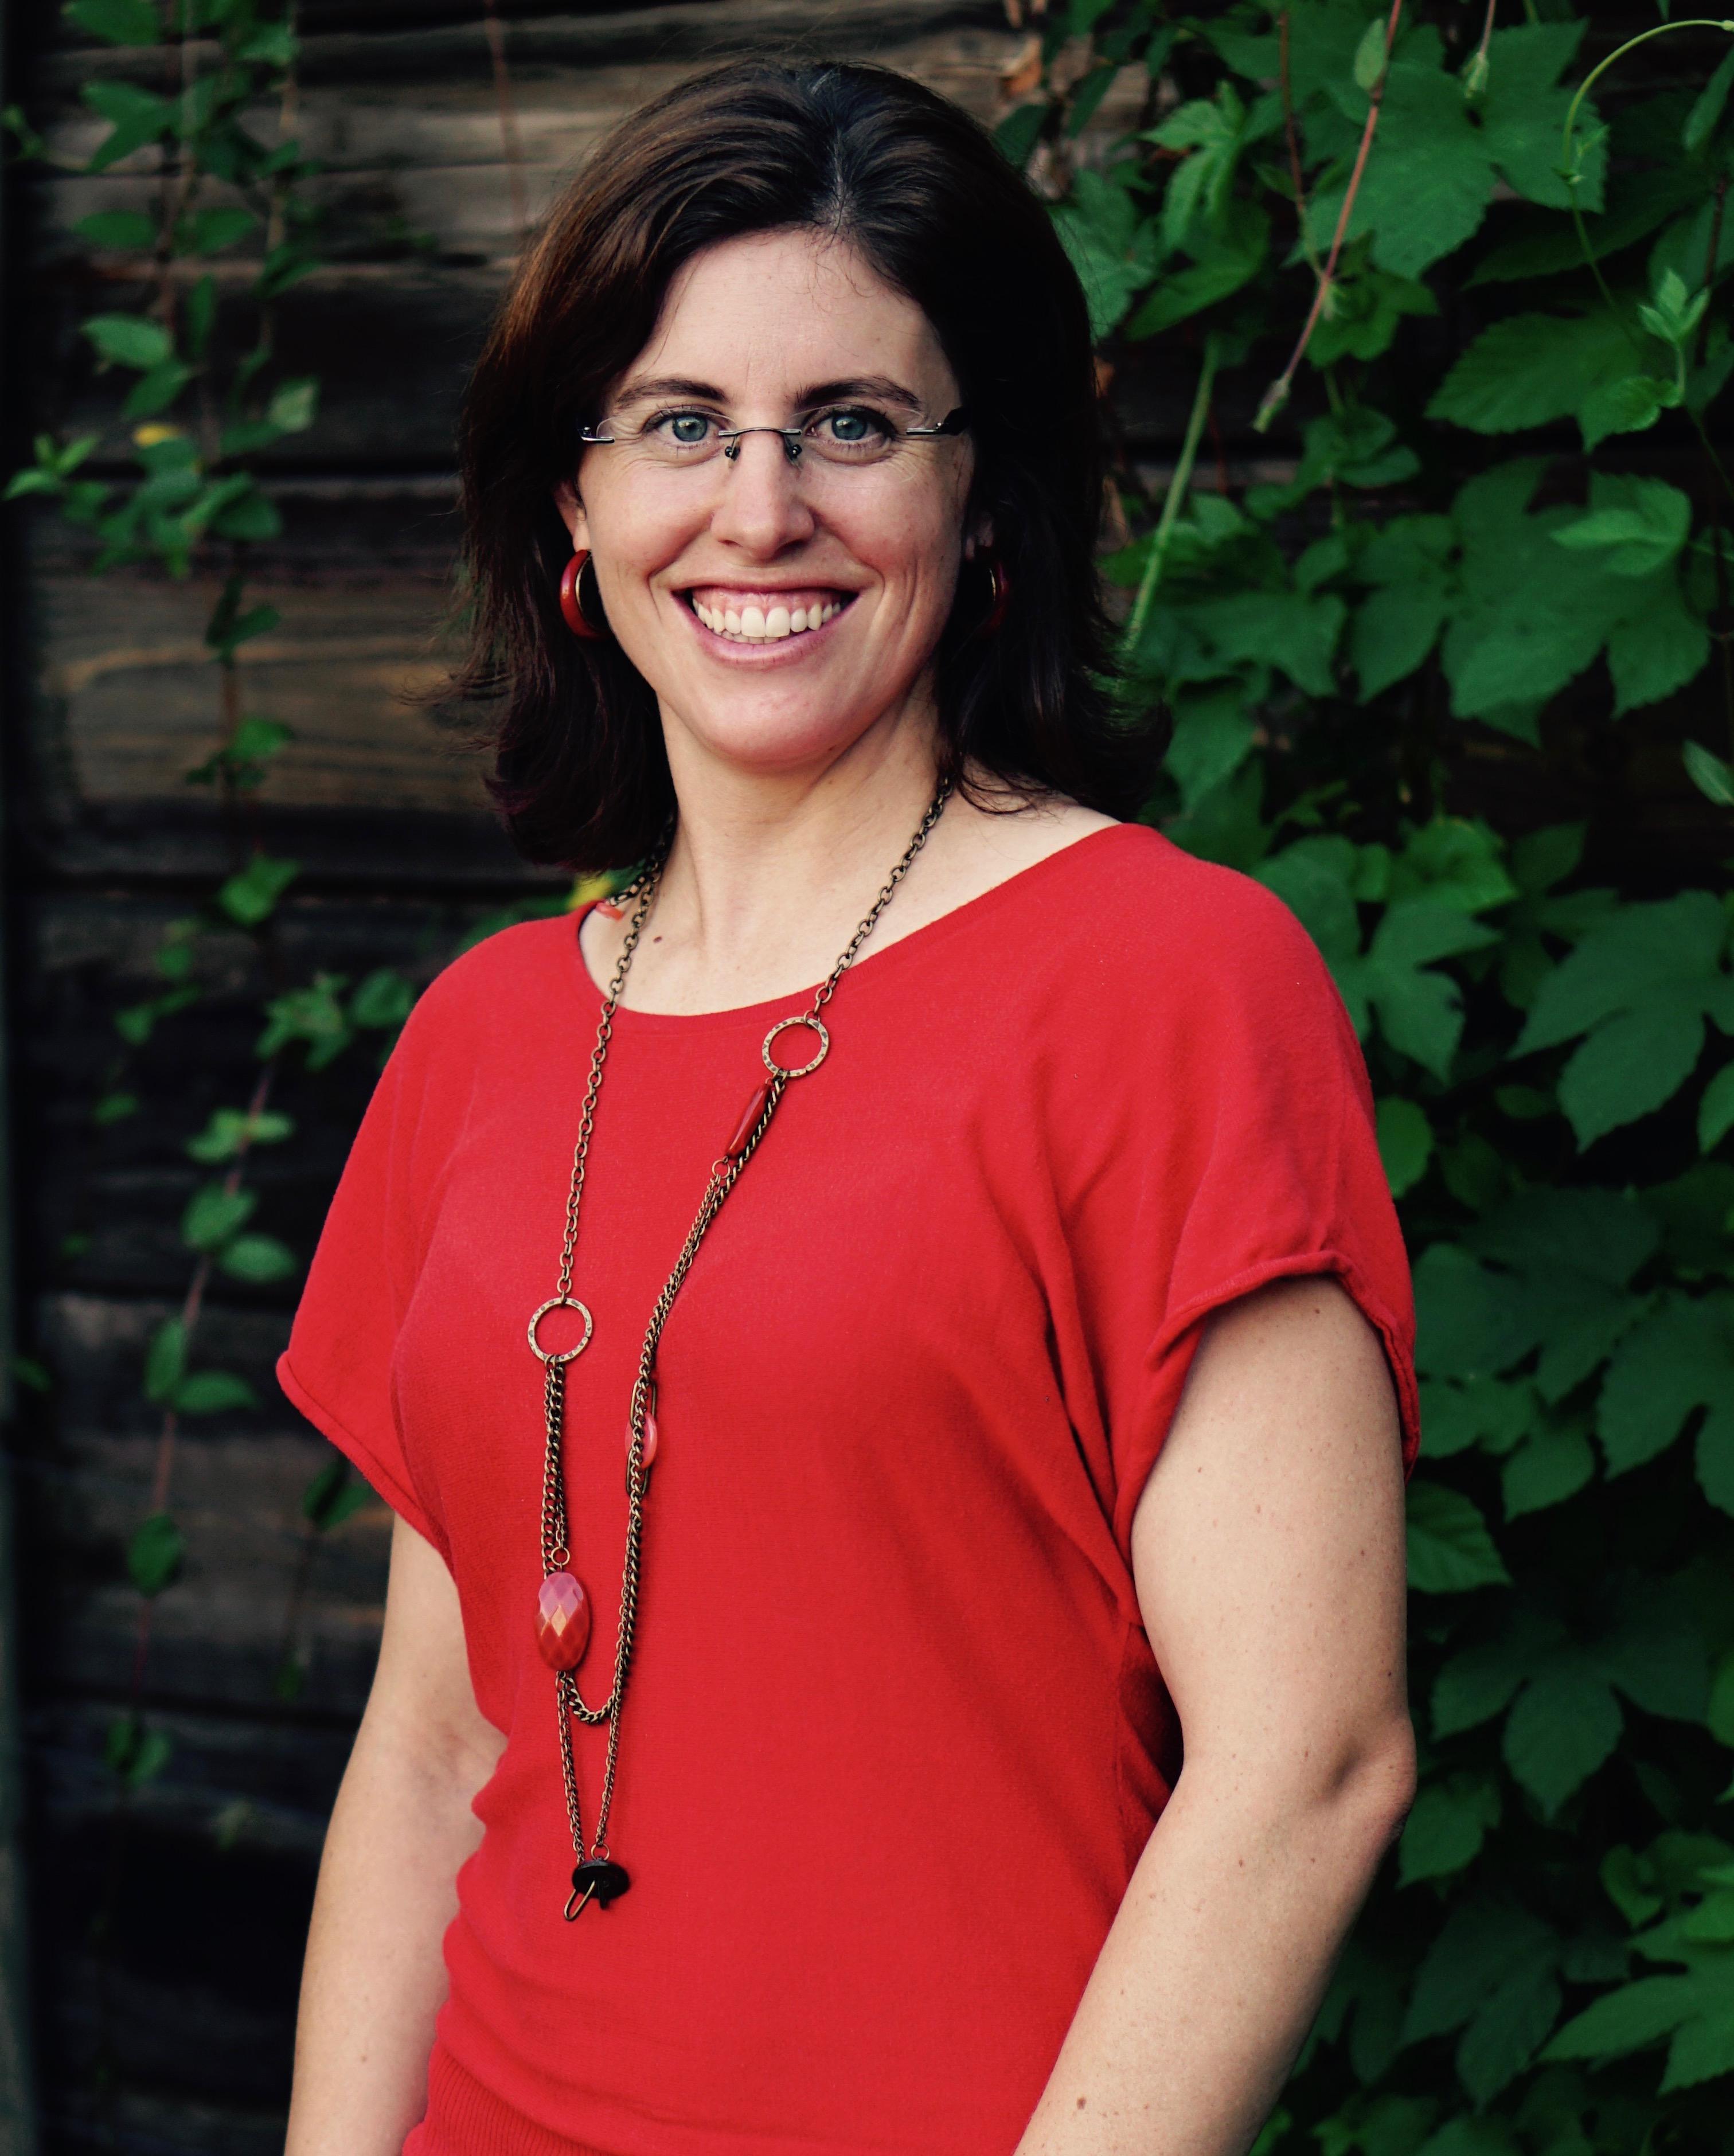 Carol A. Fassbinder-Orth, BA, PhD